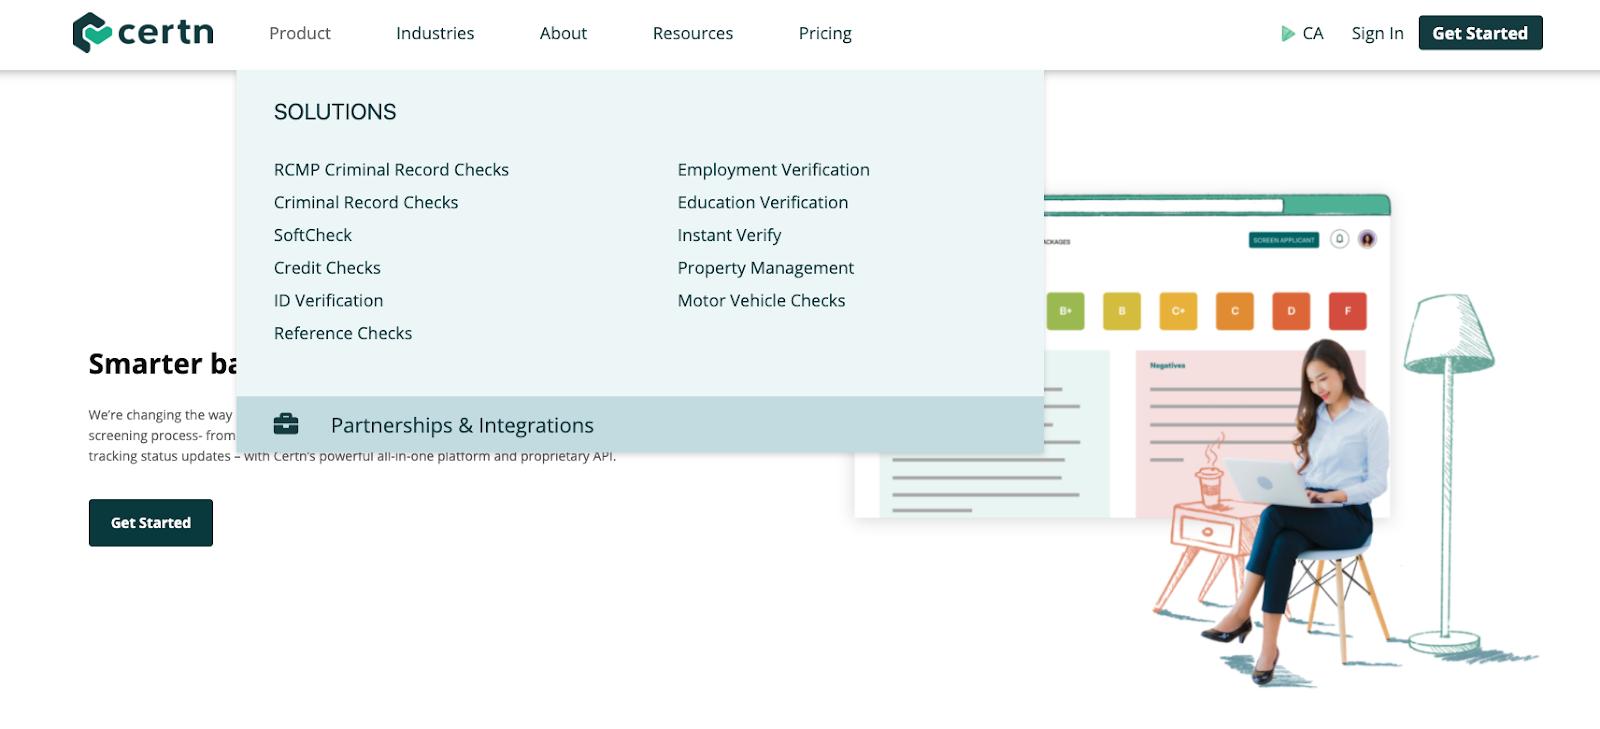 Certn website: solutions tab.